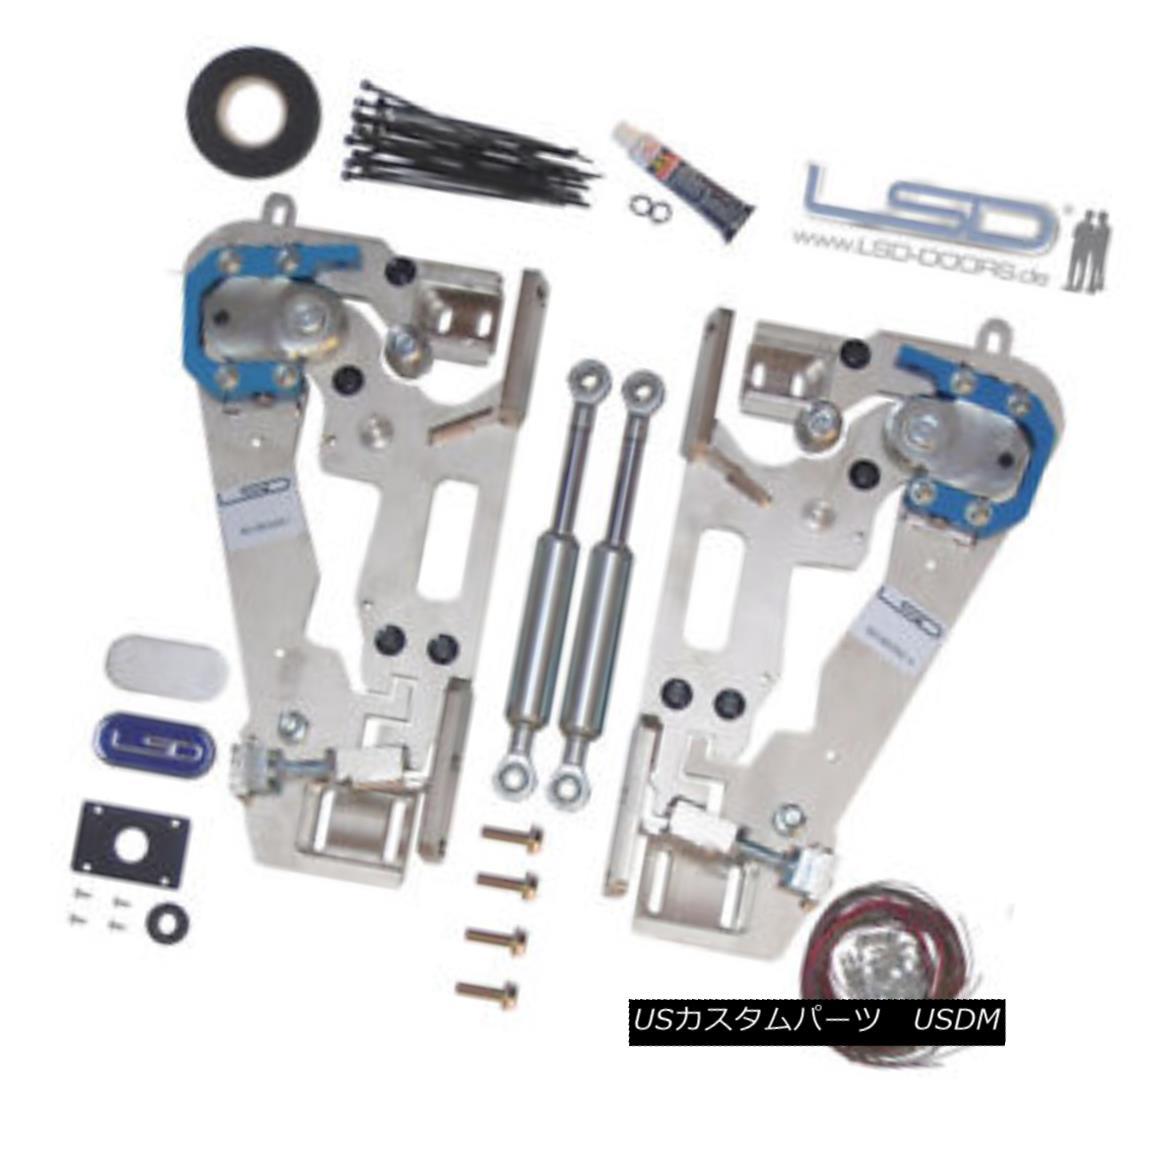 ガルウィングキット LSD Doors Lambo Style for Opel Corsa C Vertical Door Kit 50060008 . オペルコルサC垂直ドアキット50060008のためのLSDドアランボスタイル。